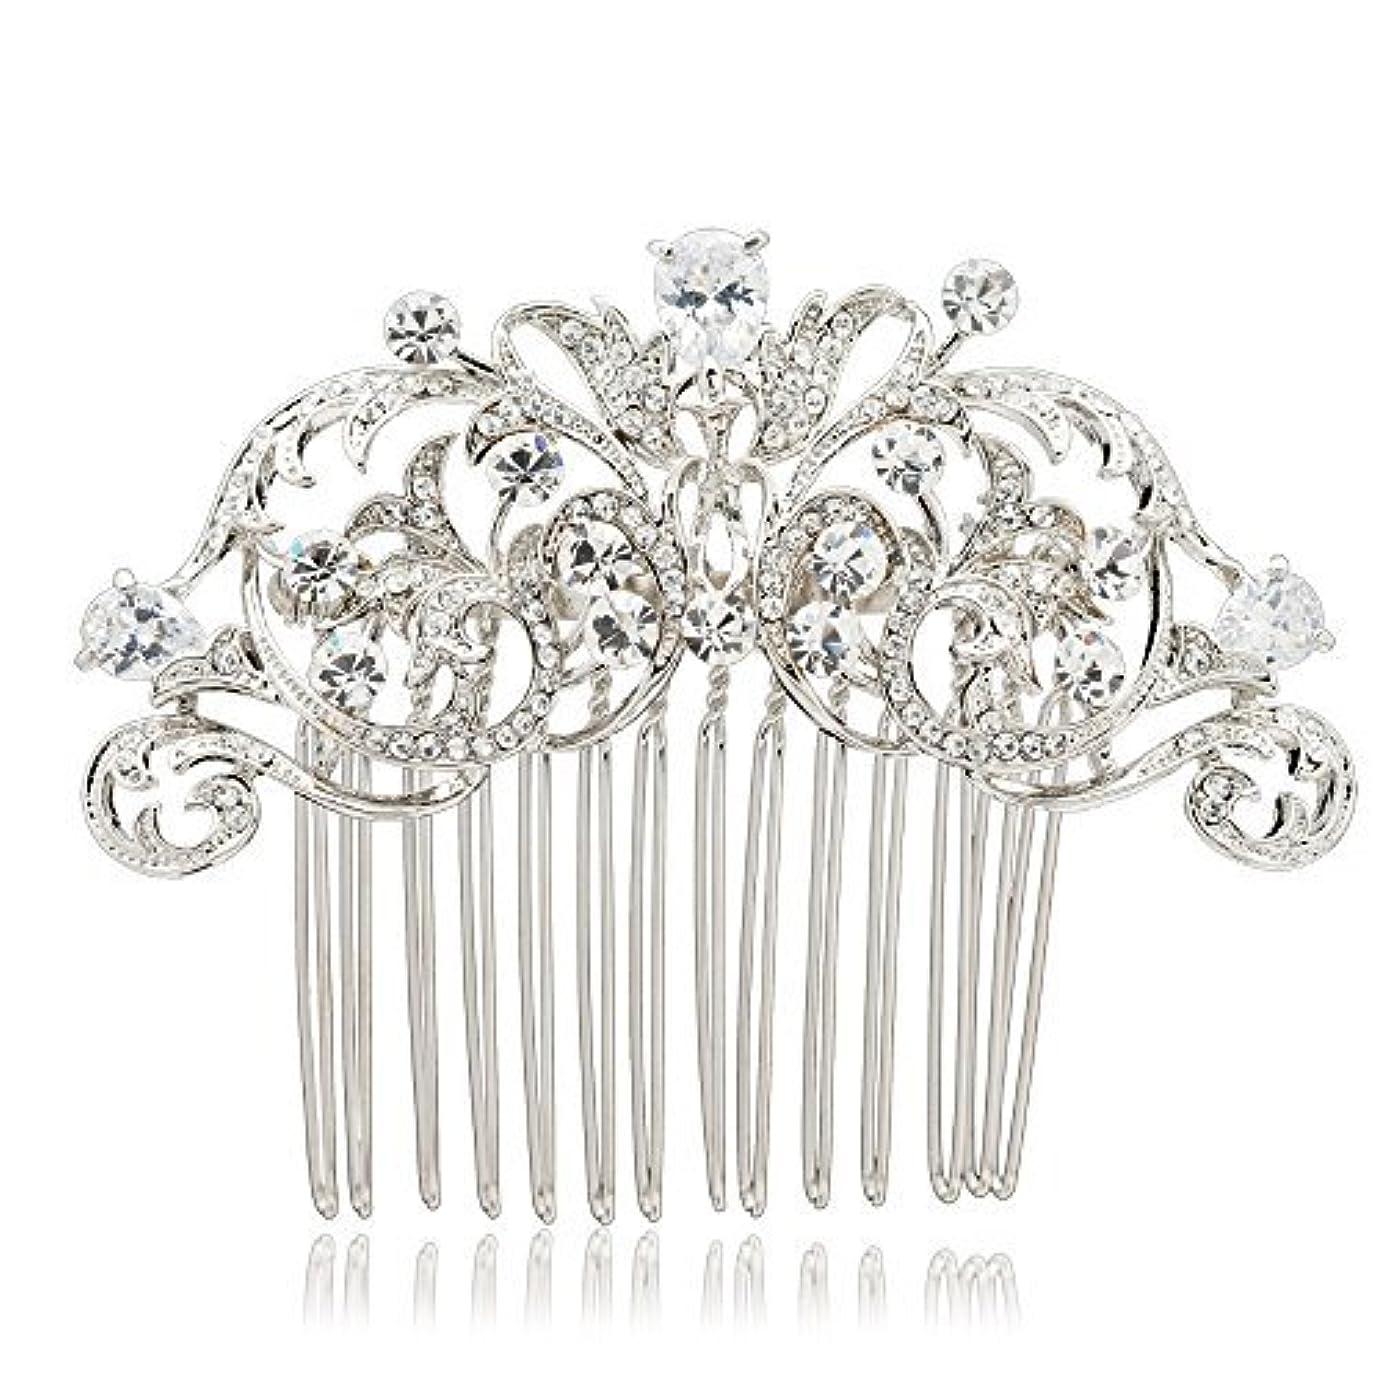 ひらめき演劇気付くSEPBRIDALS Crystal Rhinestone Hair Side Comb Pins Bridal Wedding Women Hair Accessories Jewelry 2253R [並行輸入品]